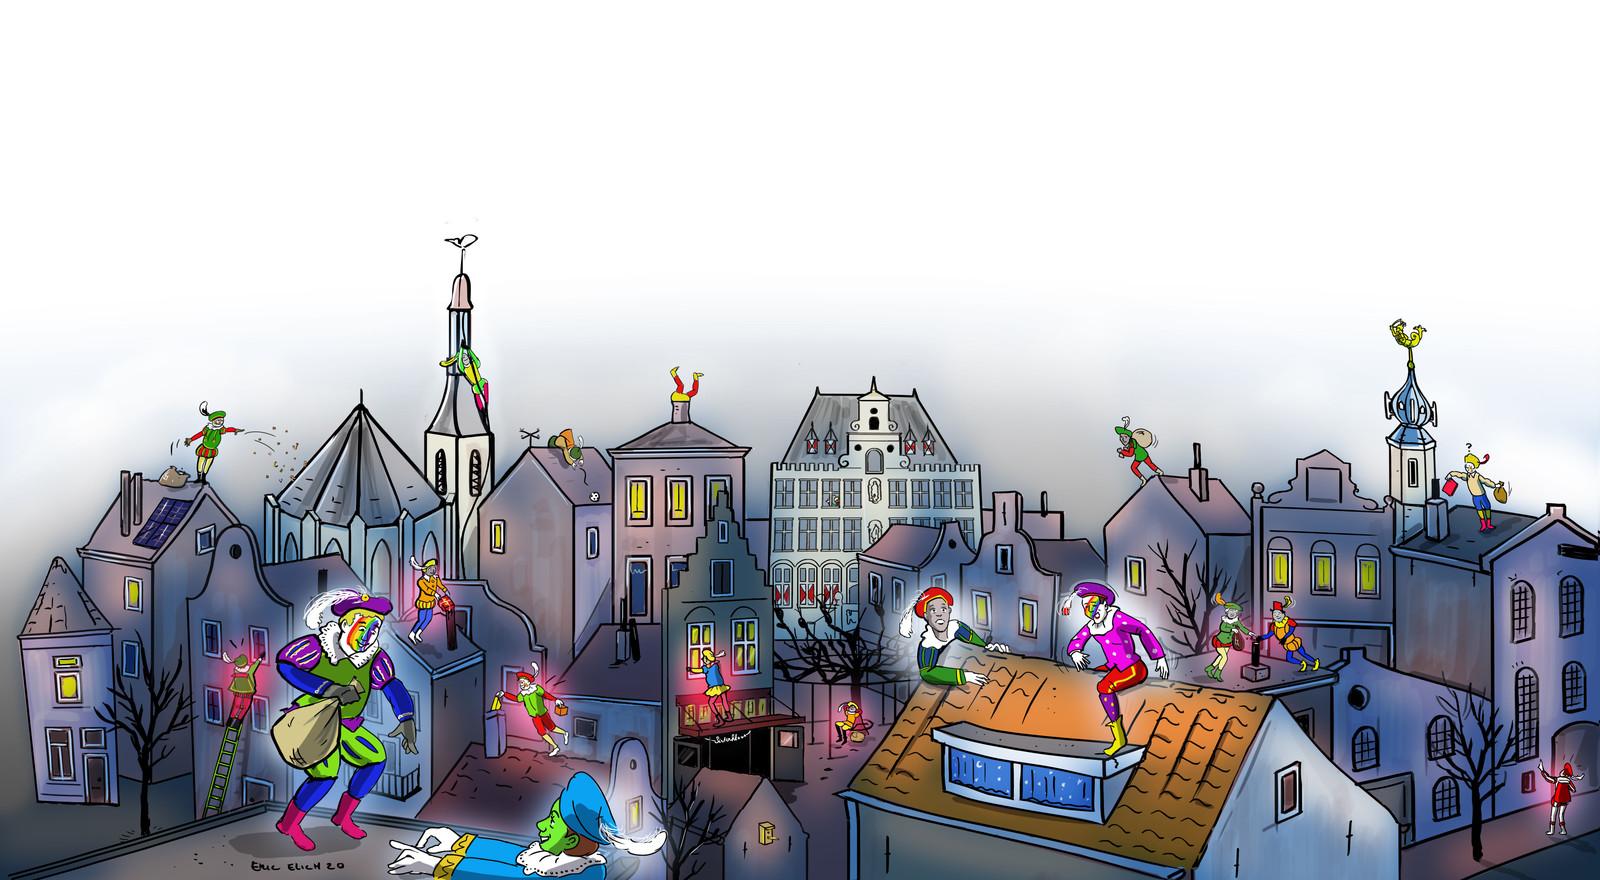 Zwart, roetvegen of een heel andere kleur: het uiterlijk van de rechterhand van Sinterklaas is al jaren punt van discussie.